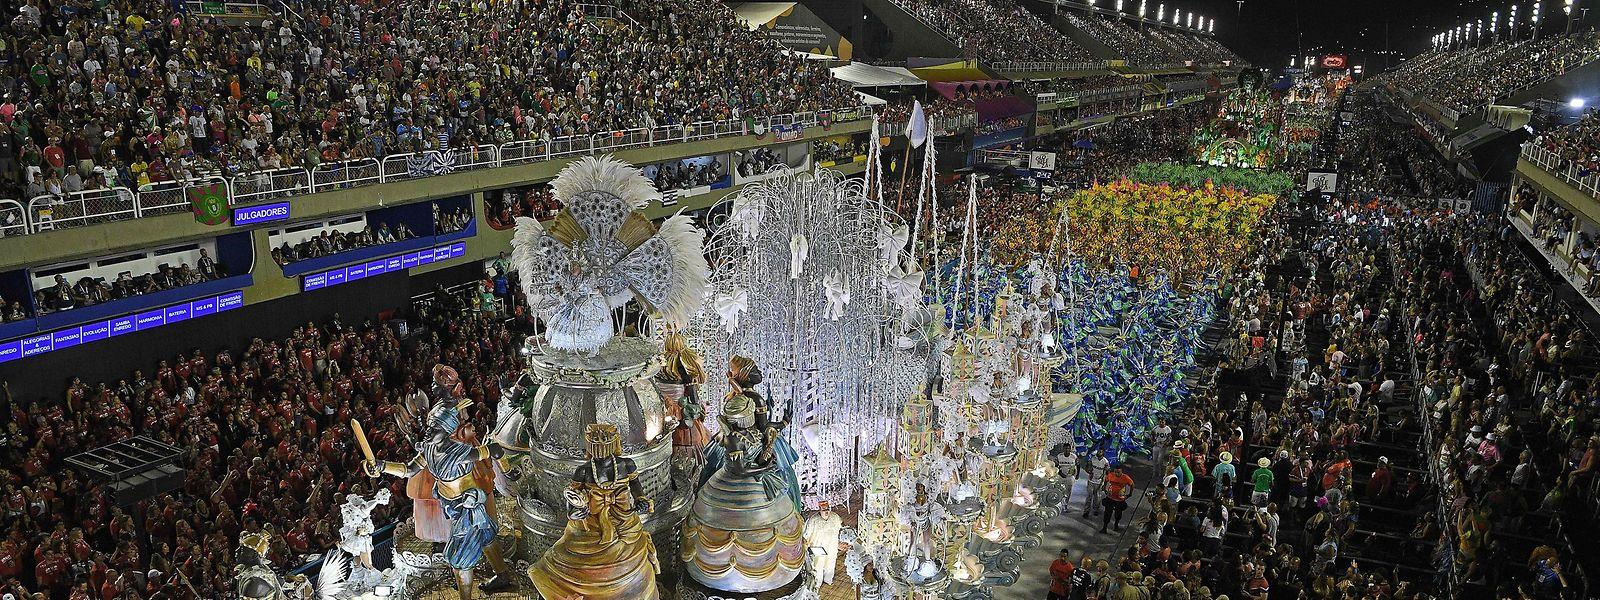 C'est au sambodrome que cette gigantesque fête populaire prend toute sa dimension féerique